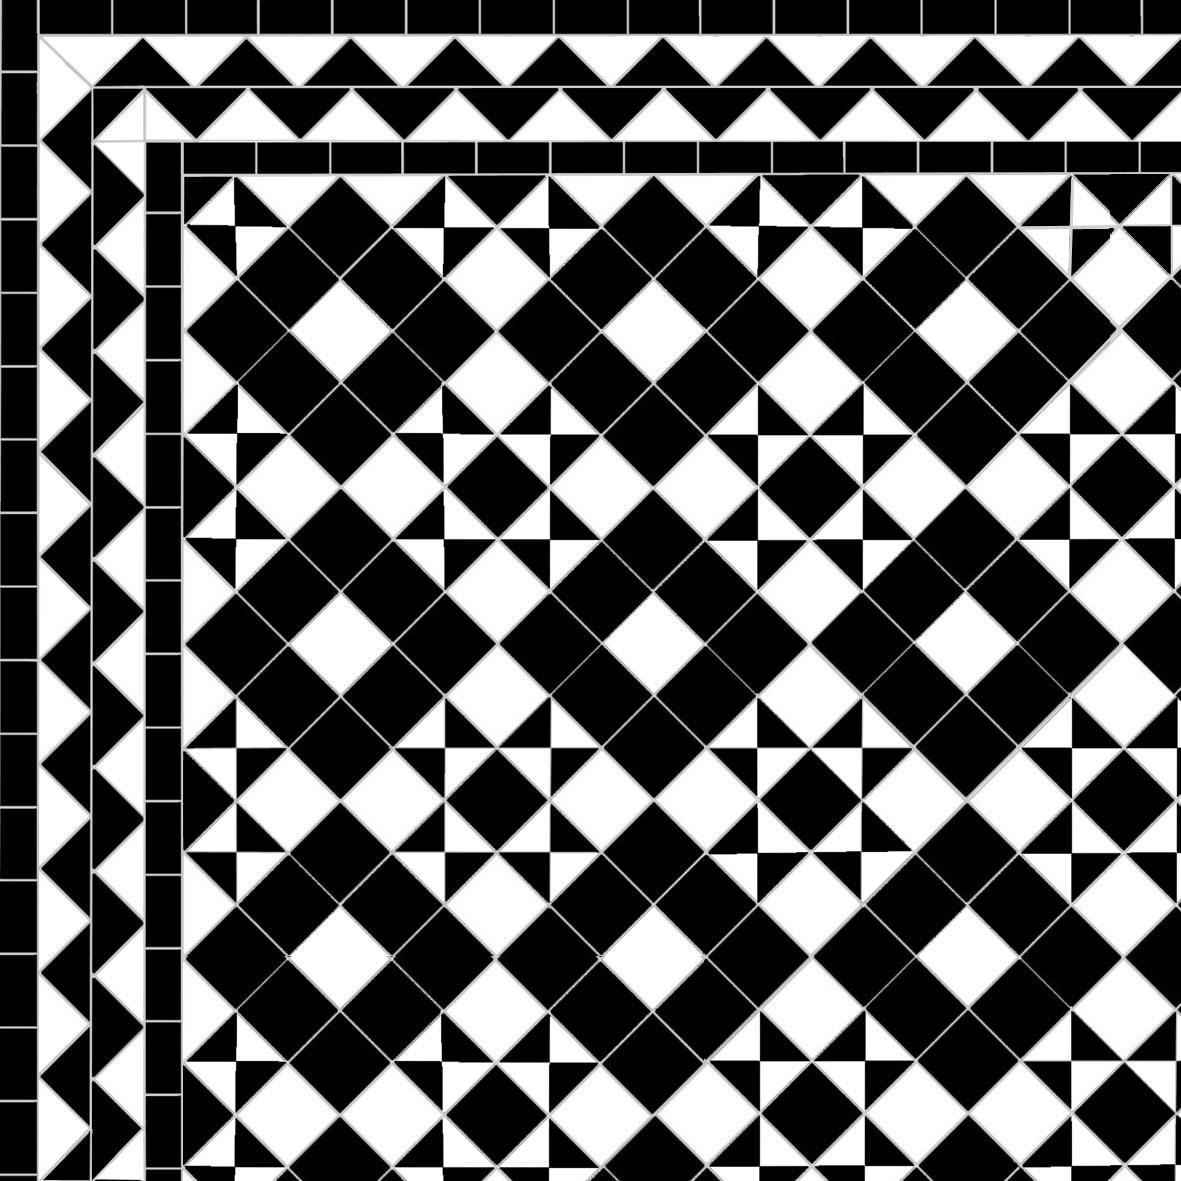 Dark Box & Star - Zig zag Border - black